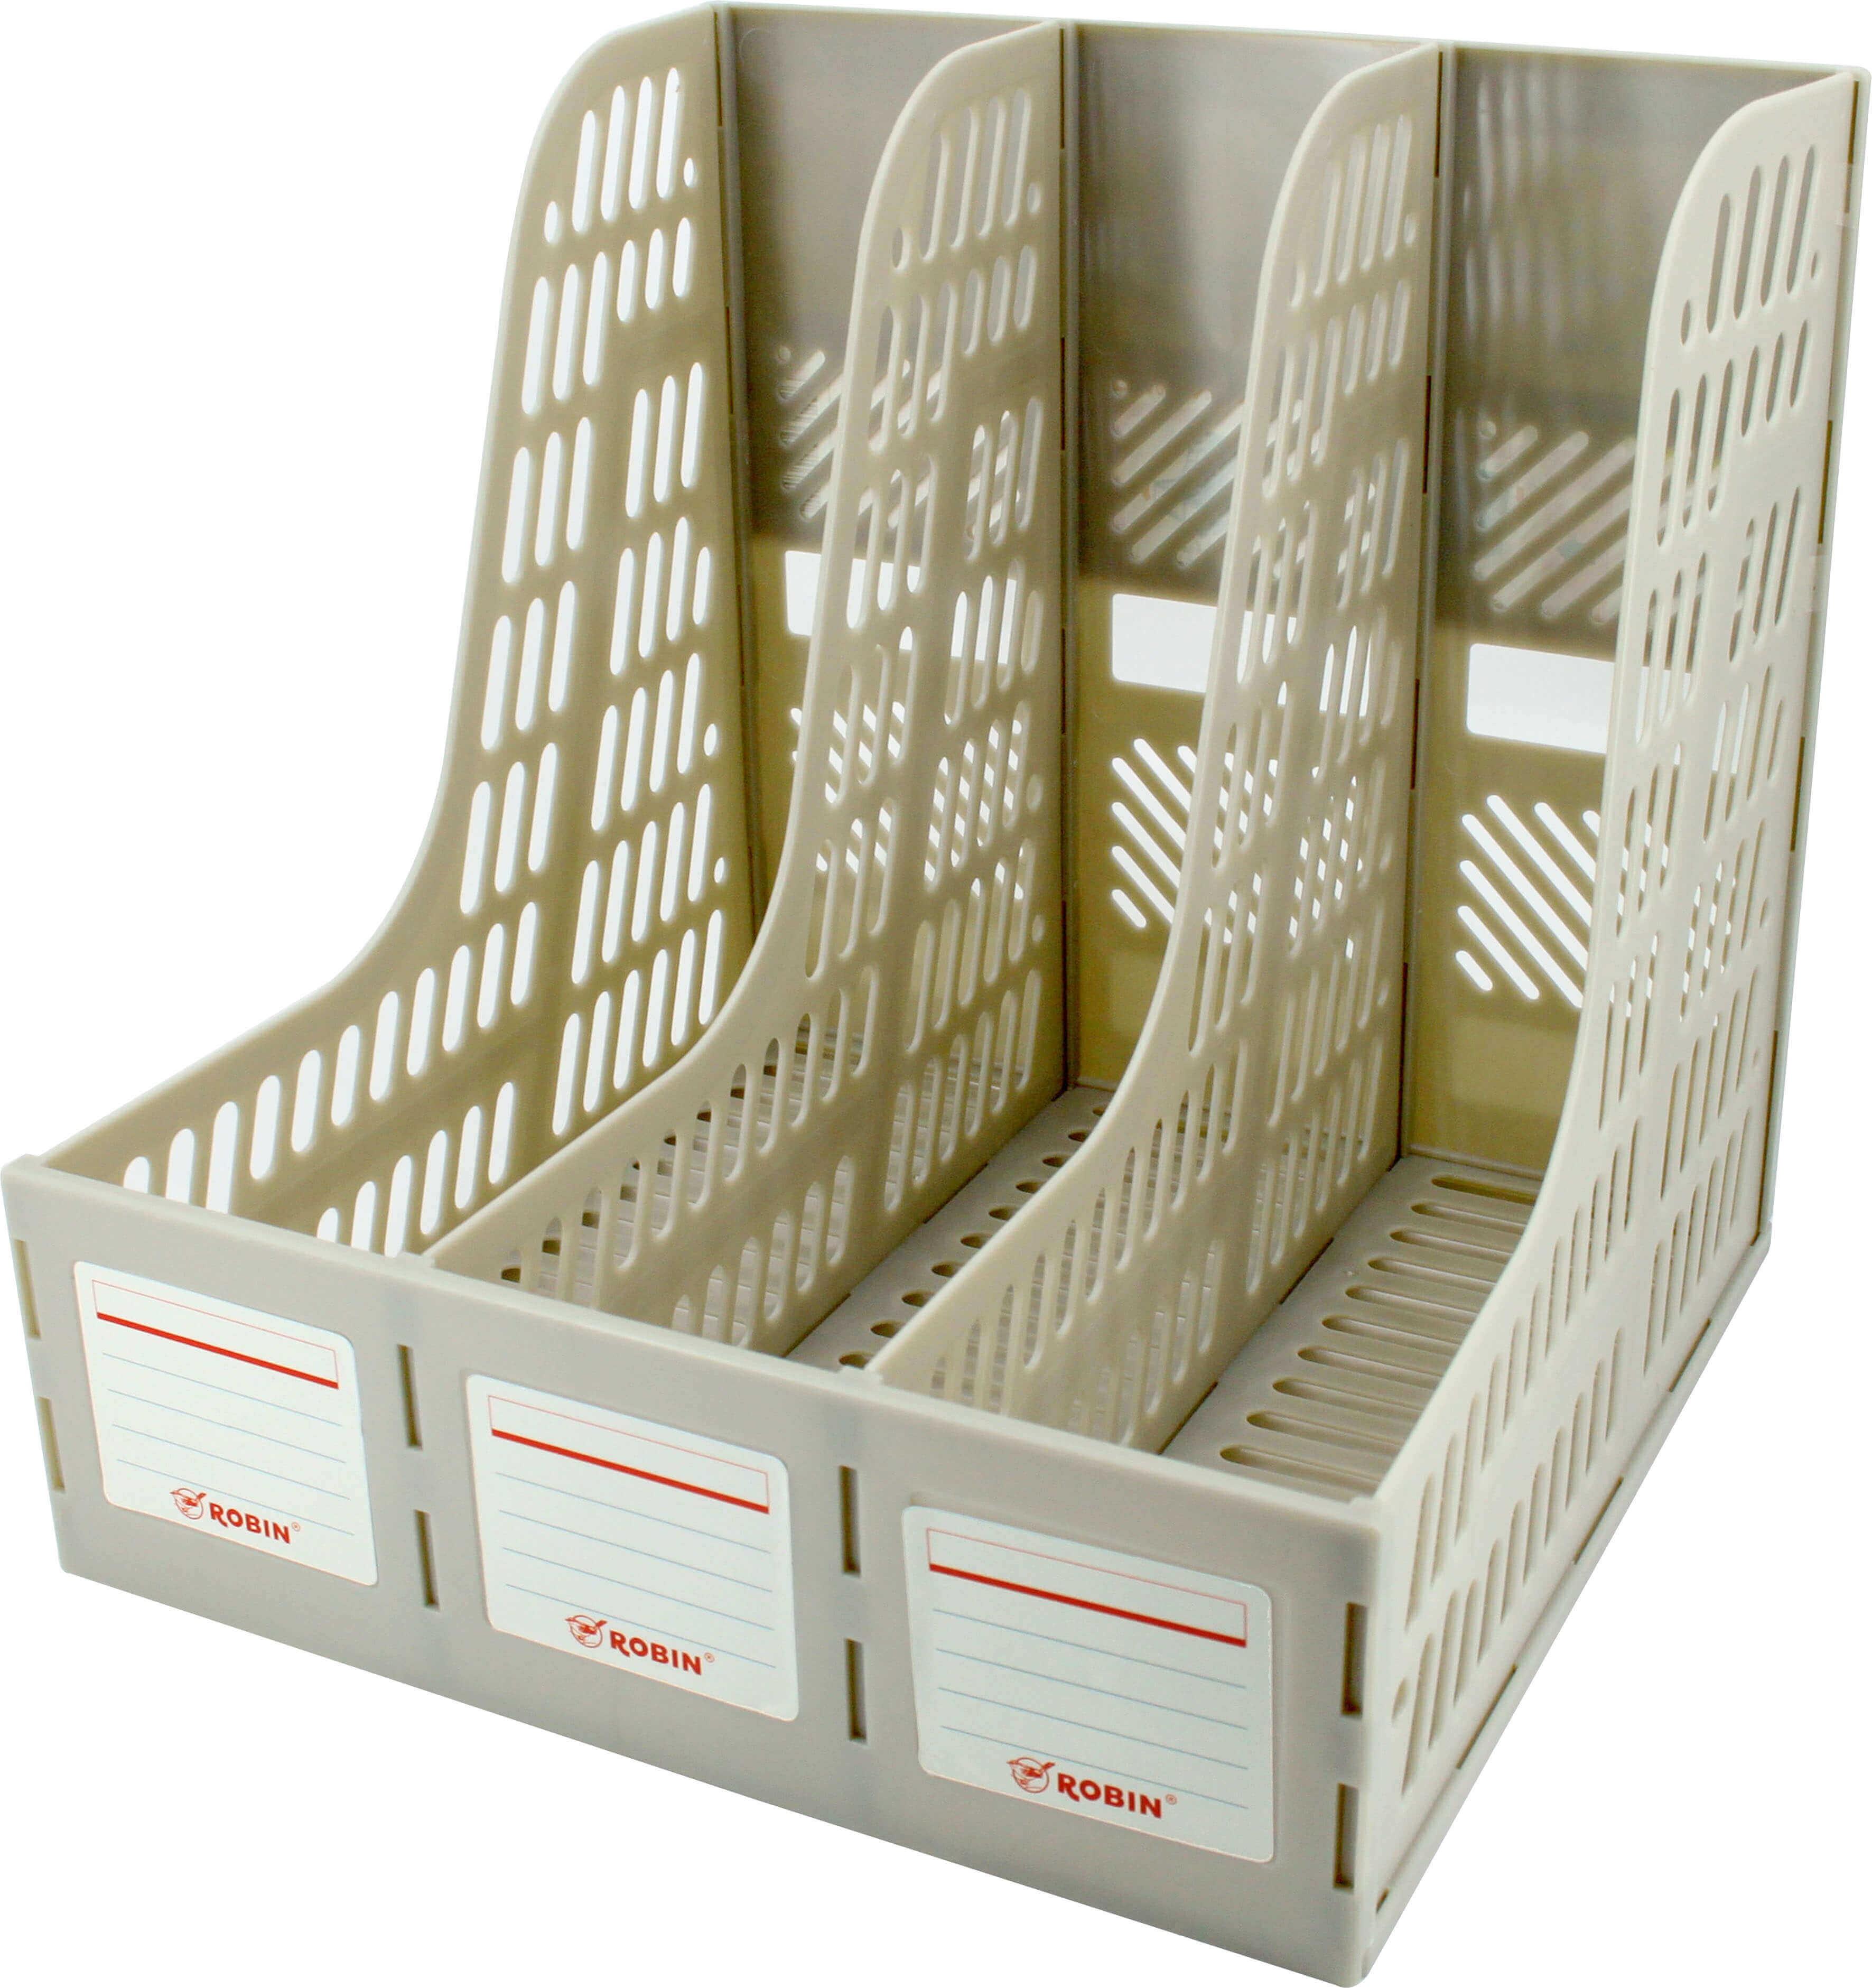 กล่องใส่เอกสารพลาสติก 3 ช่อง Robin 123 สีเทา